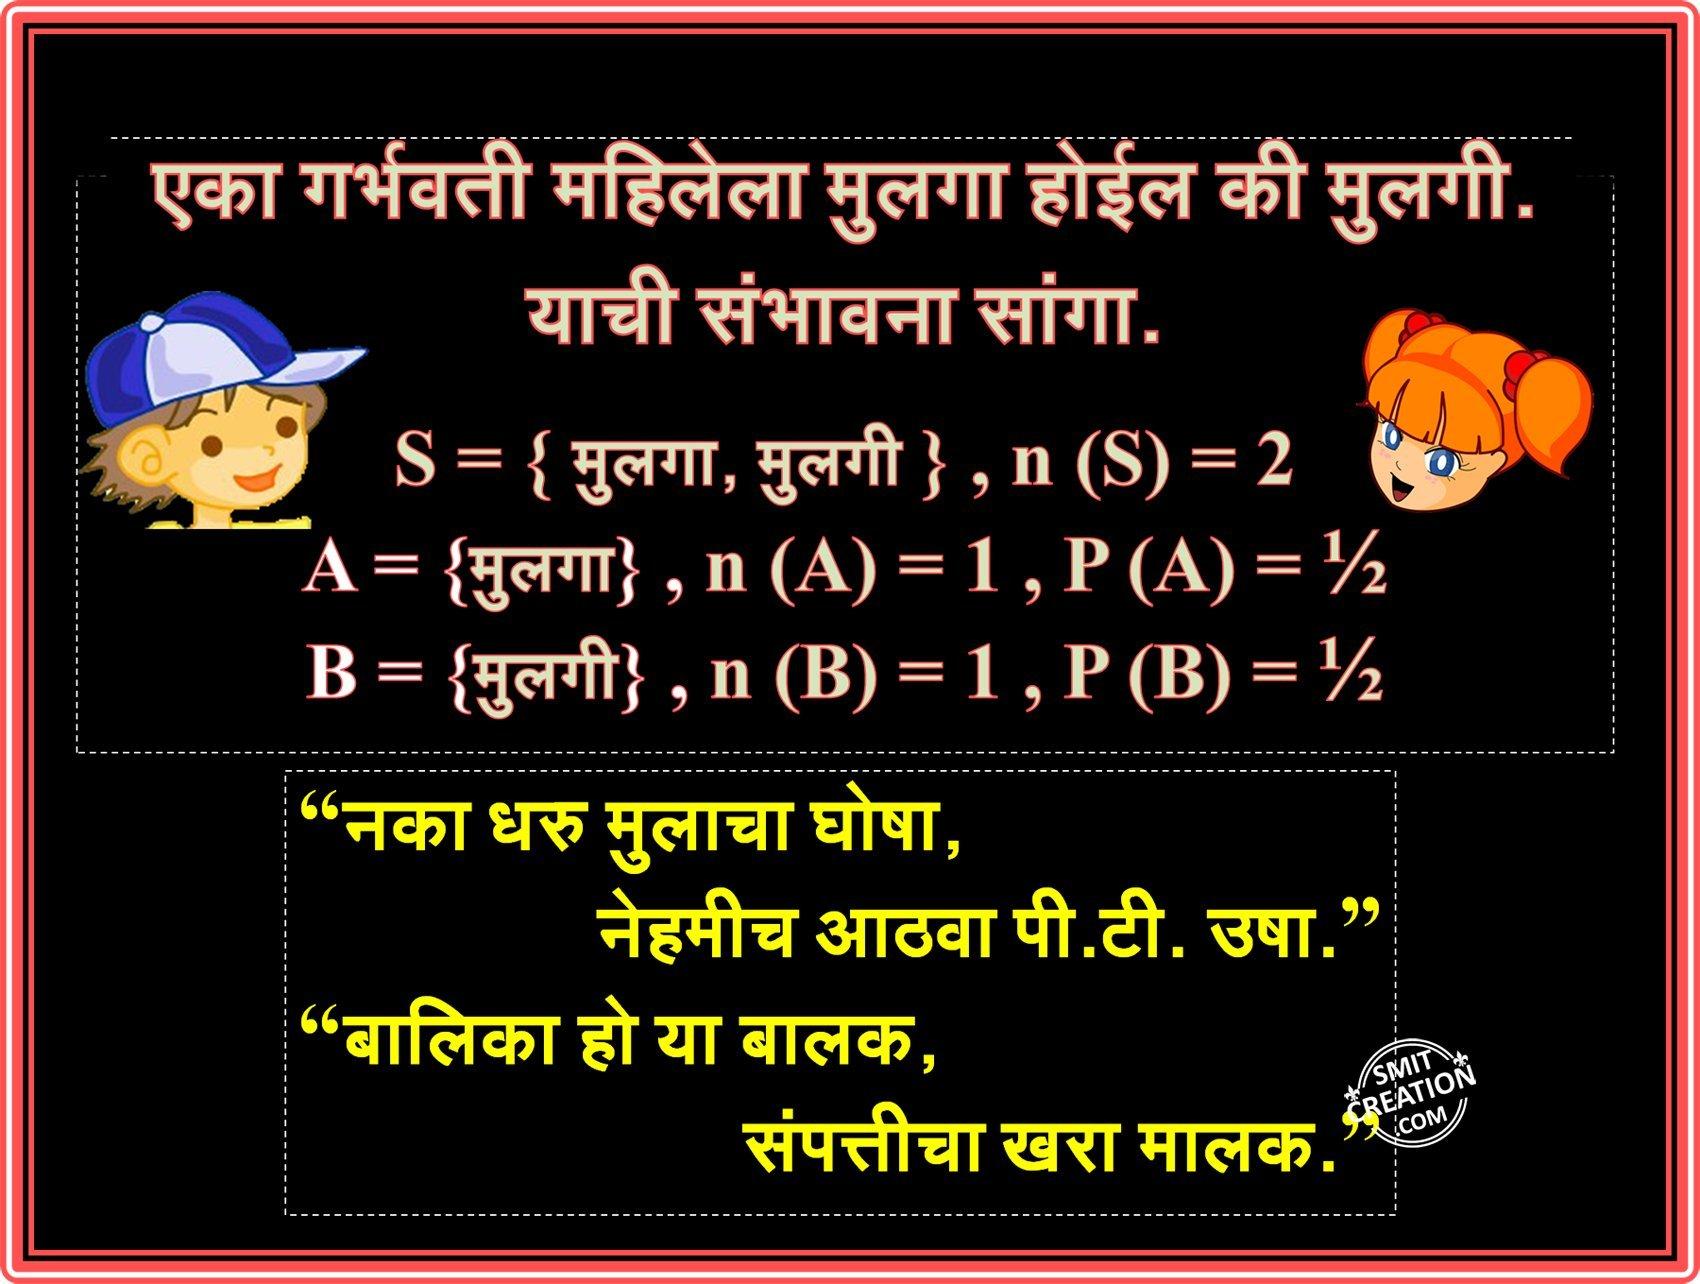 stri purush samanta essay in marathi